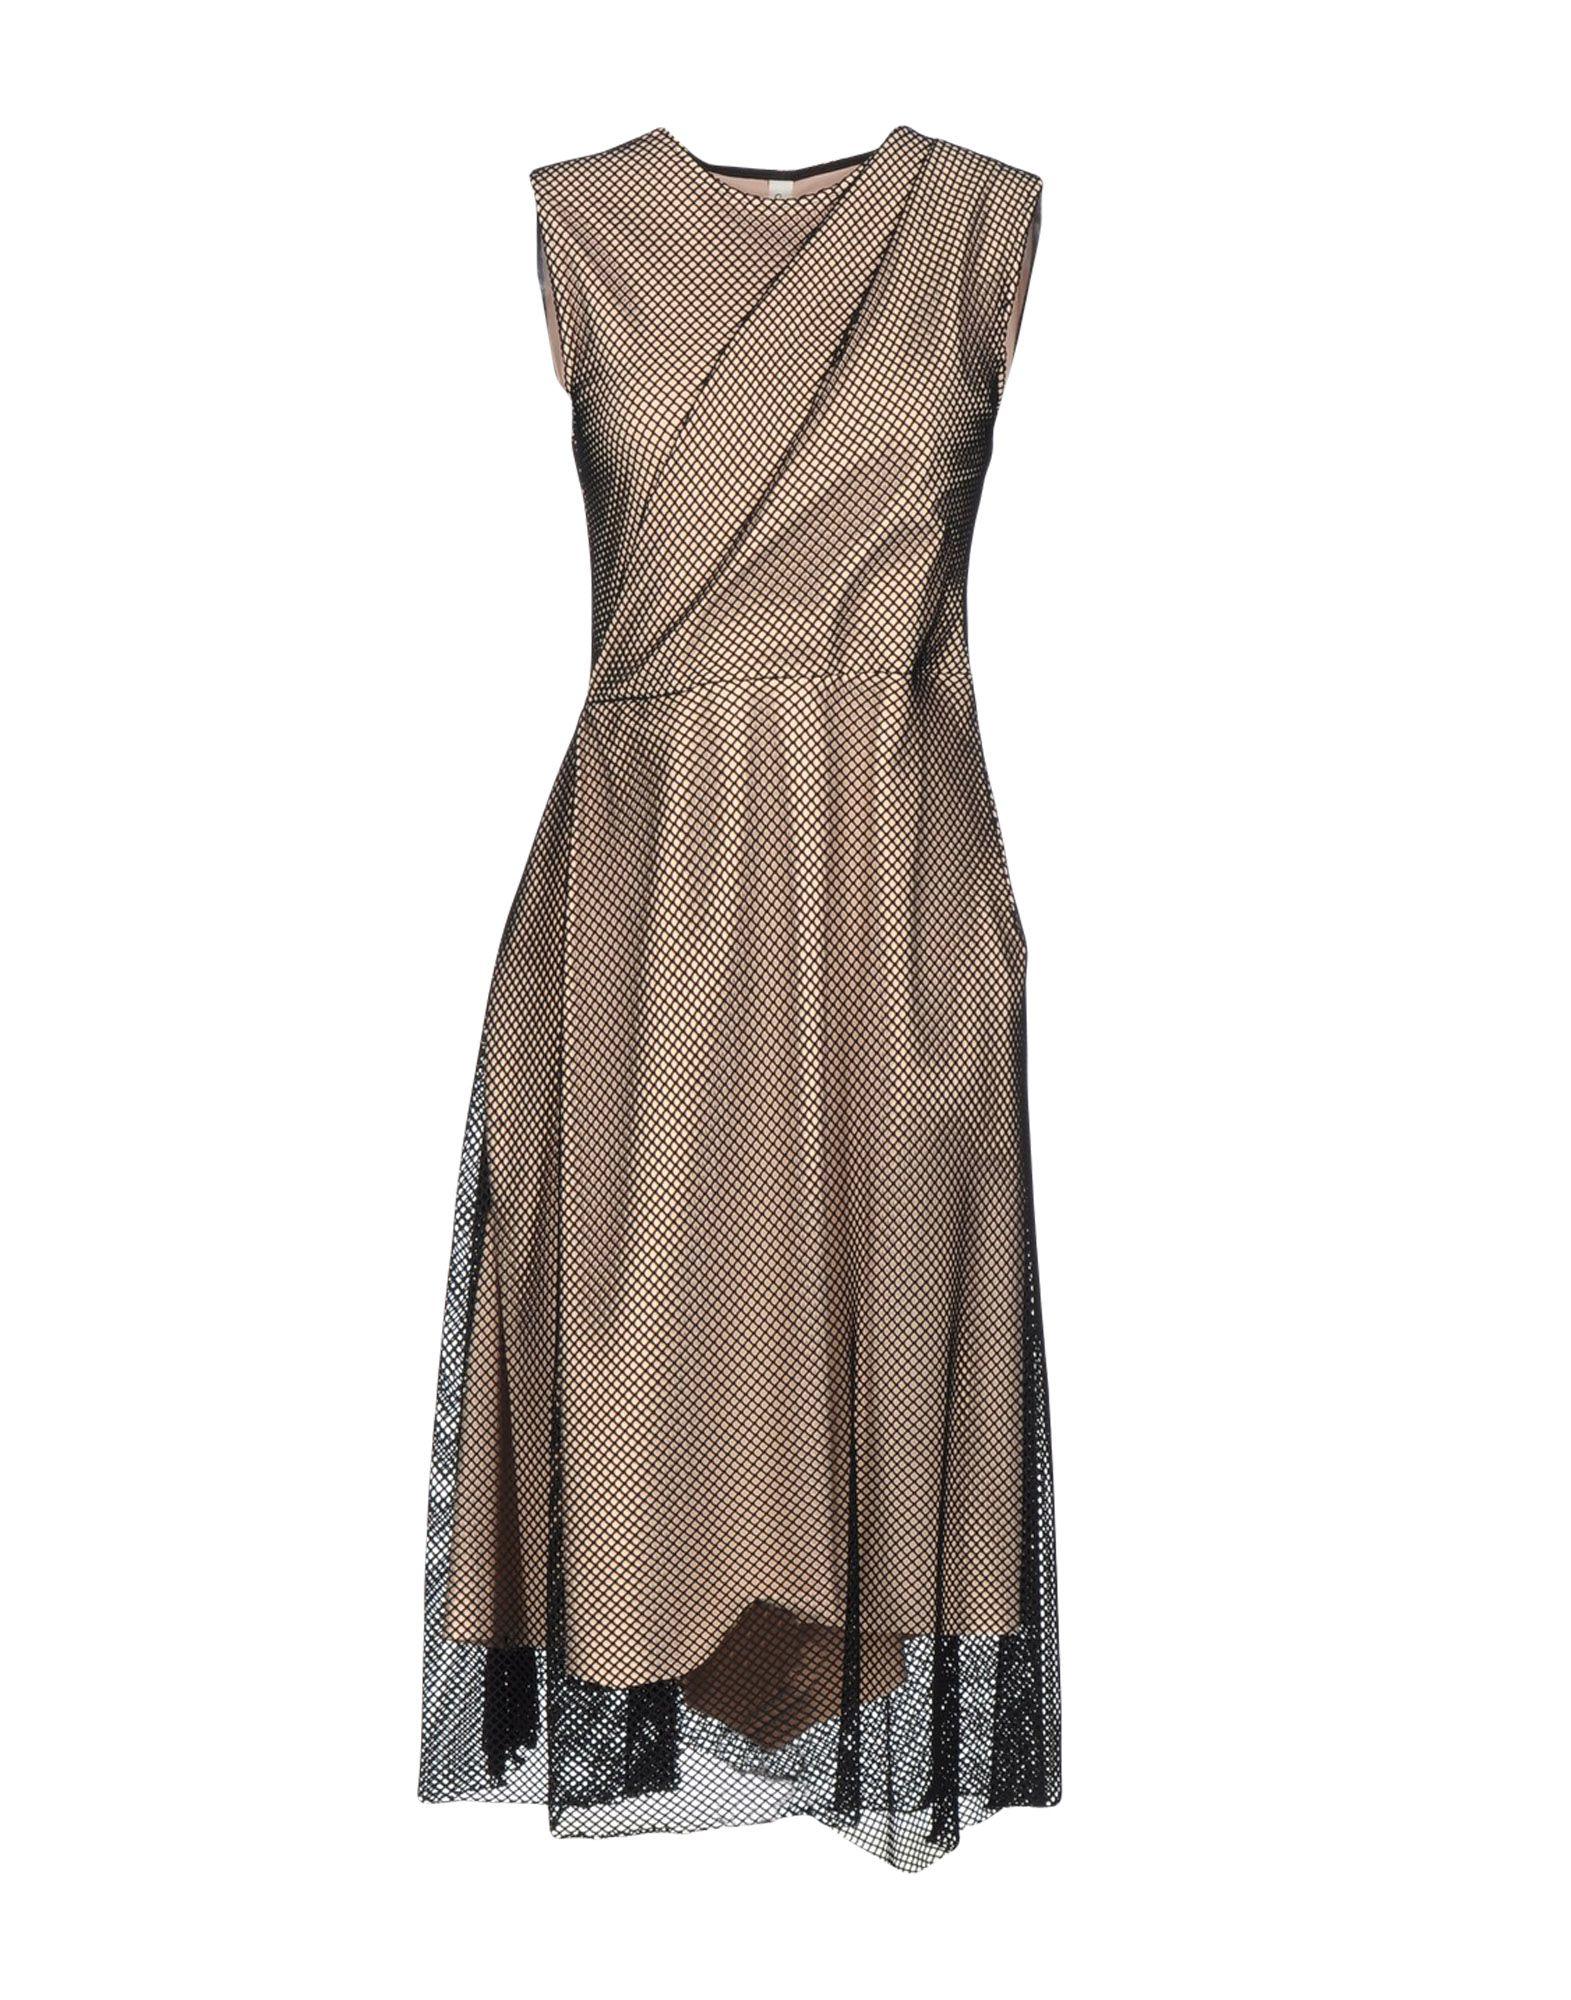 SOUVENIR Платье длиной 3/4 moscow video souvenir